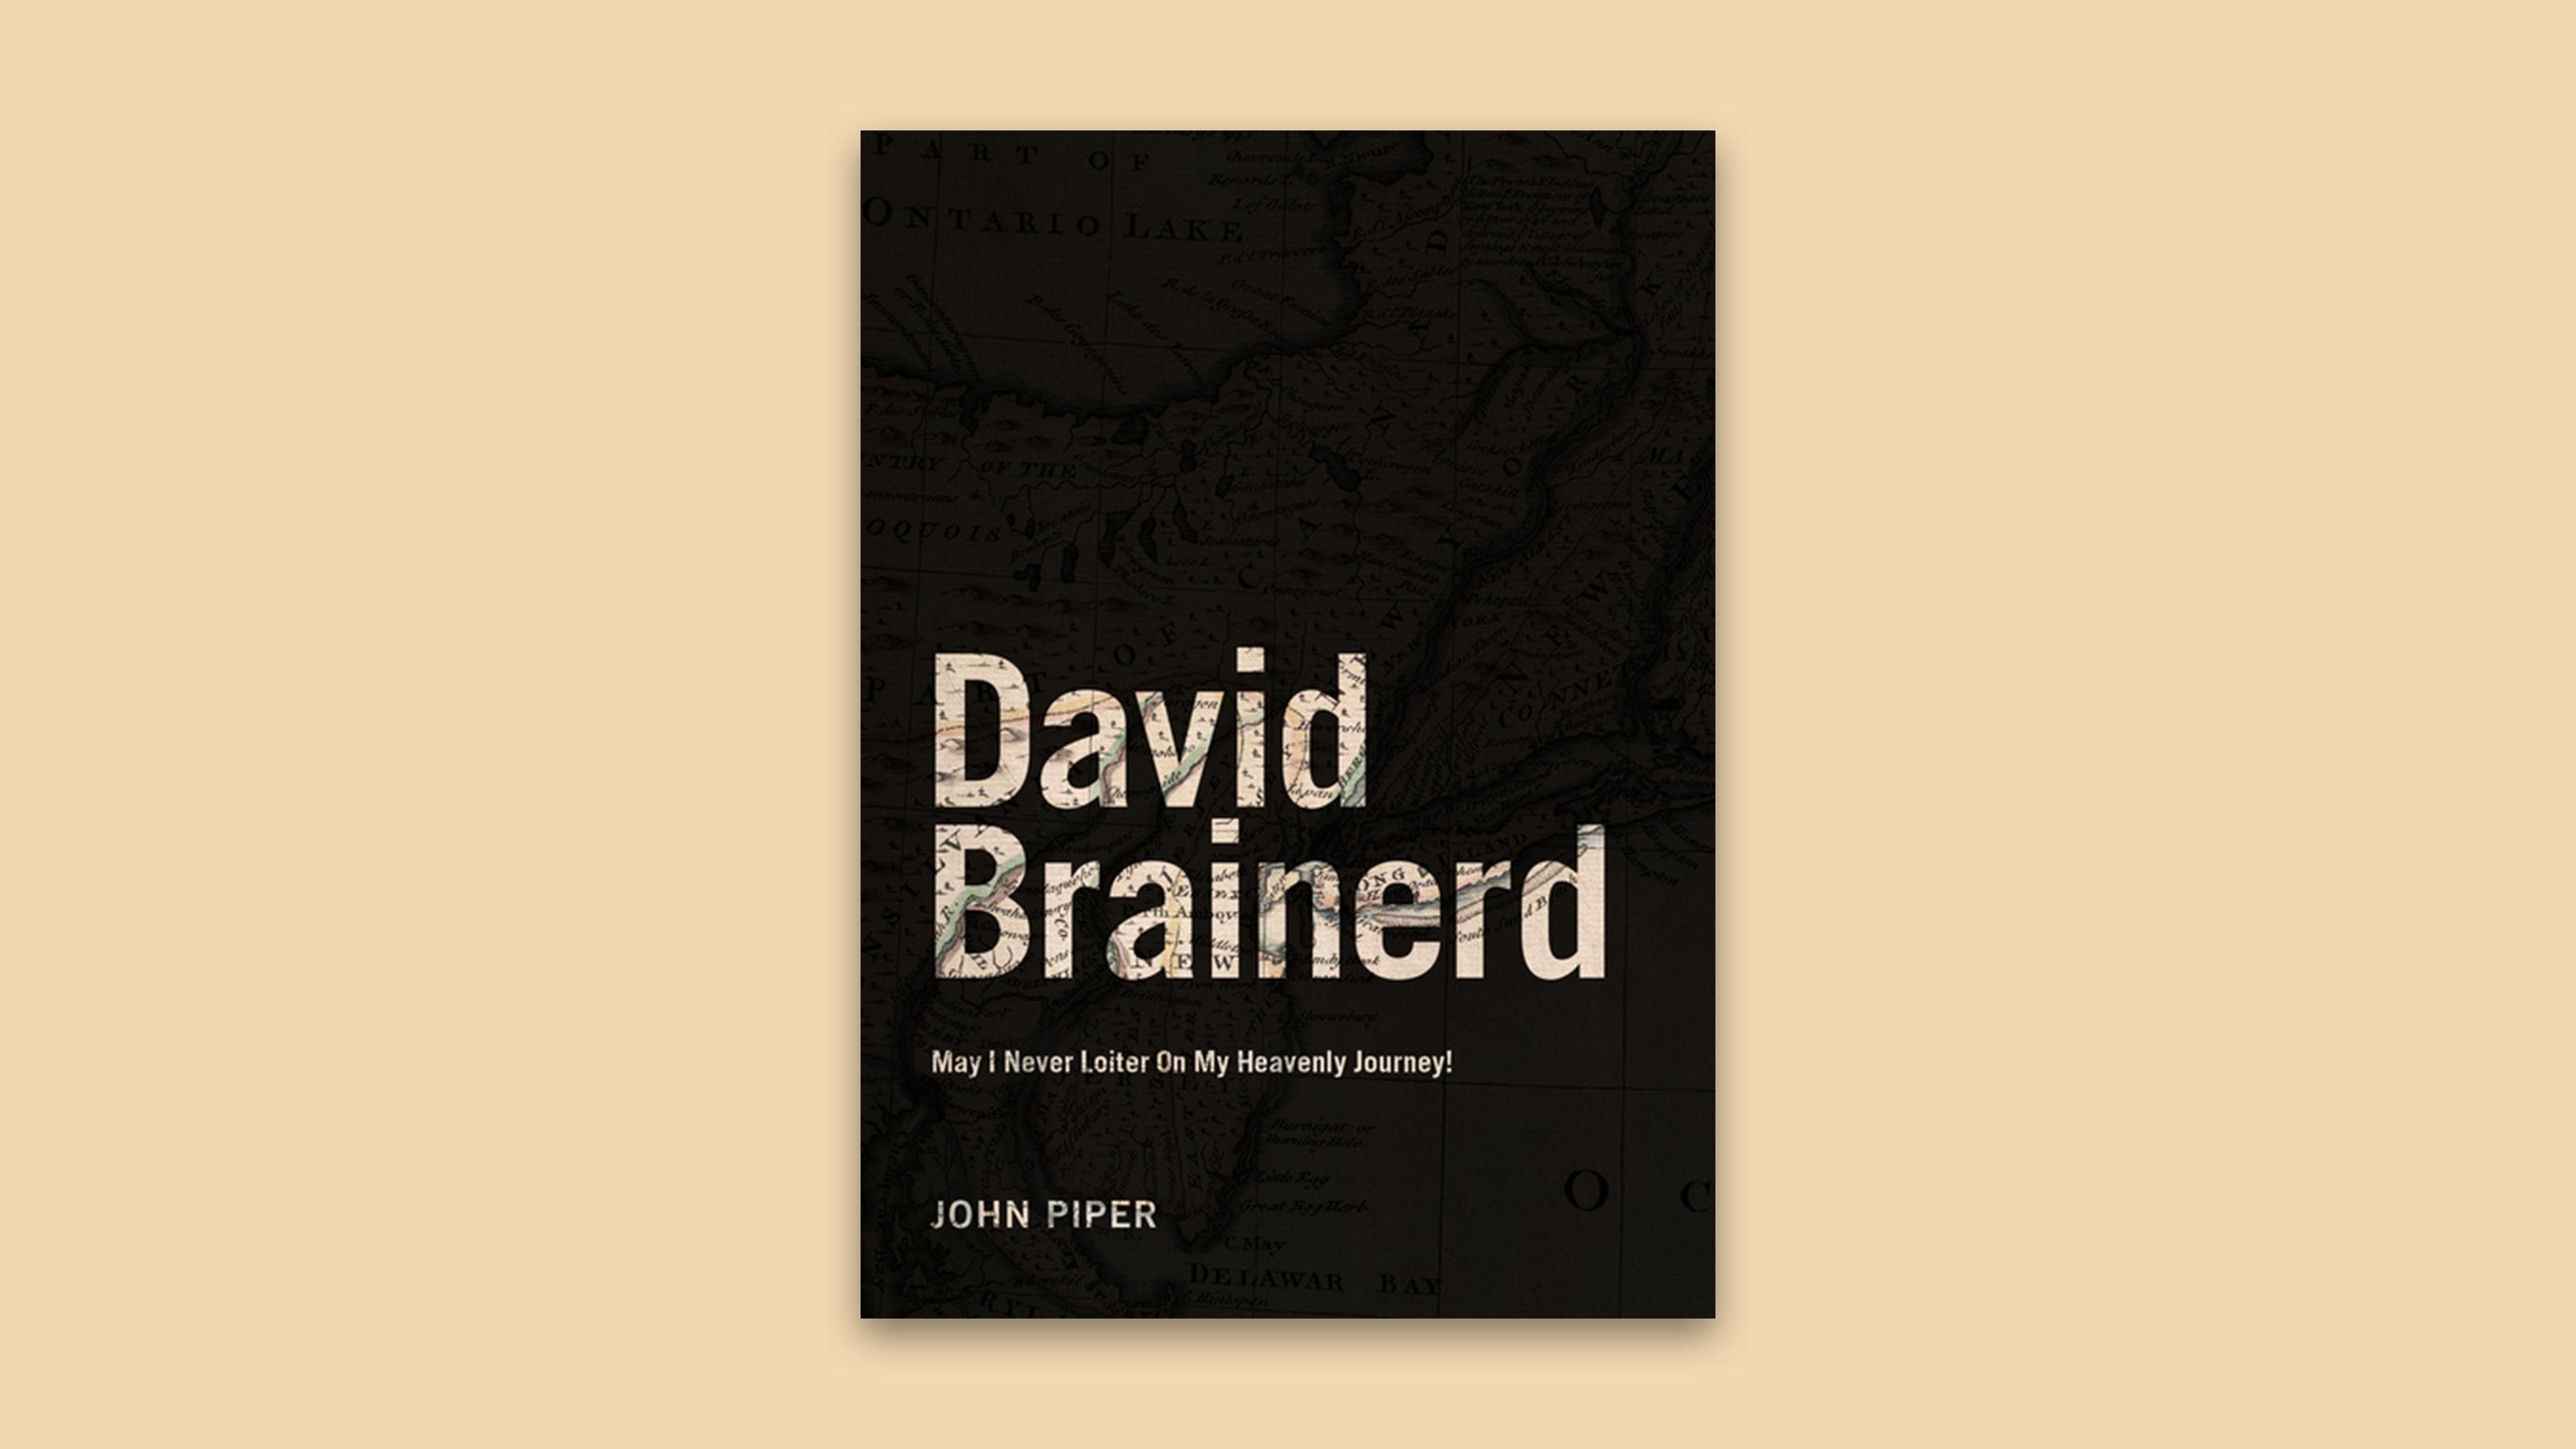 Brainerd david pdf a de vida